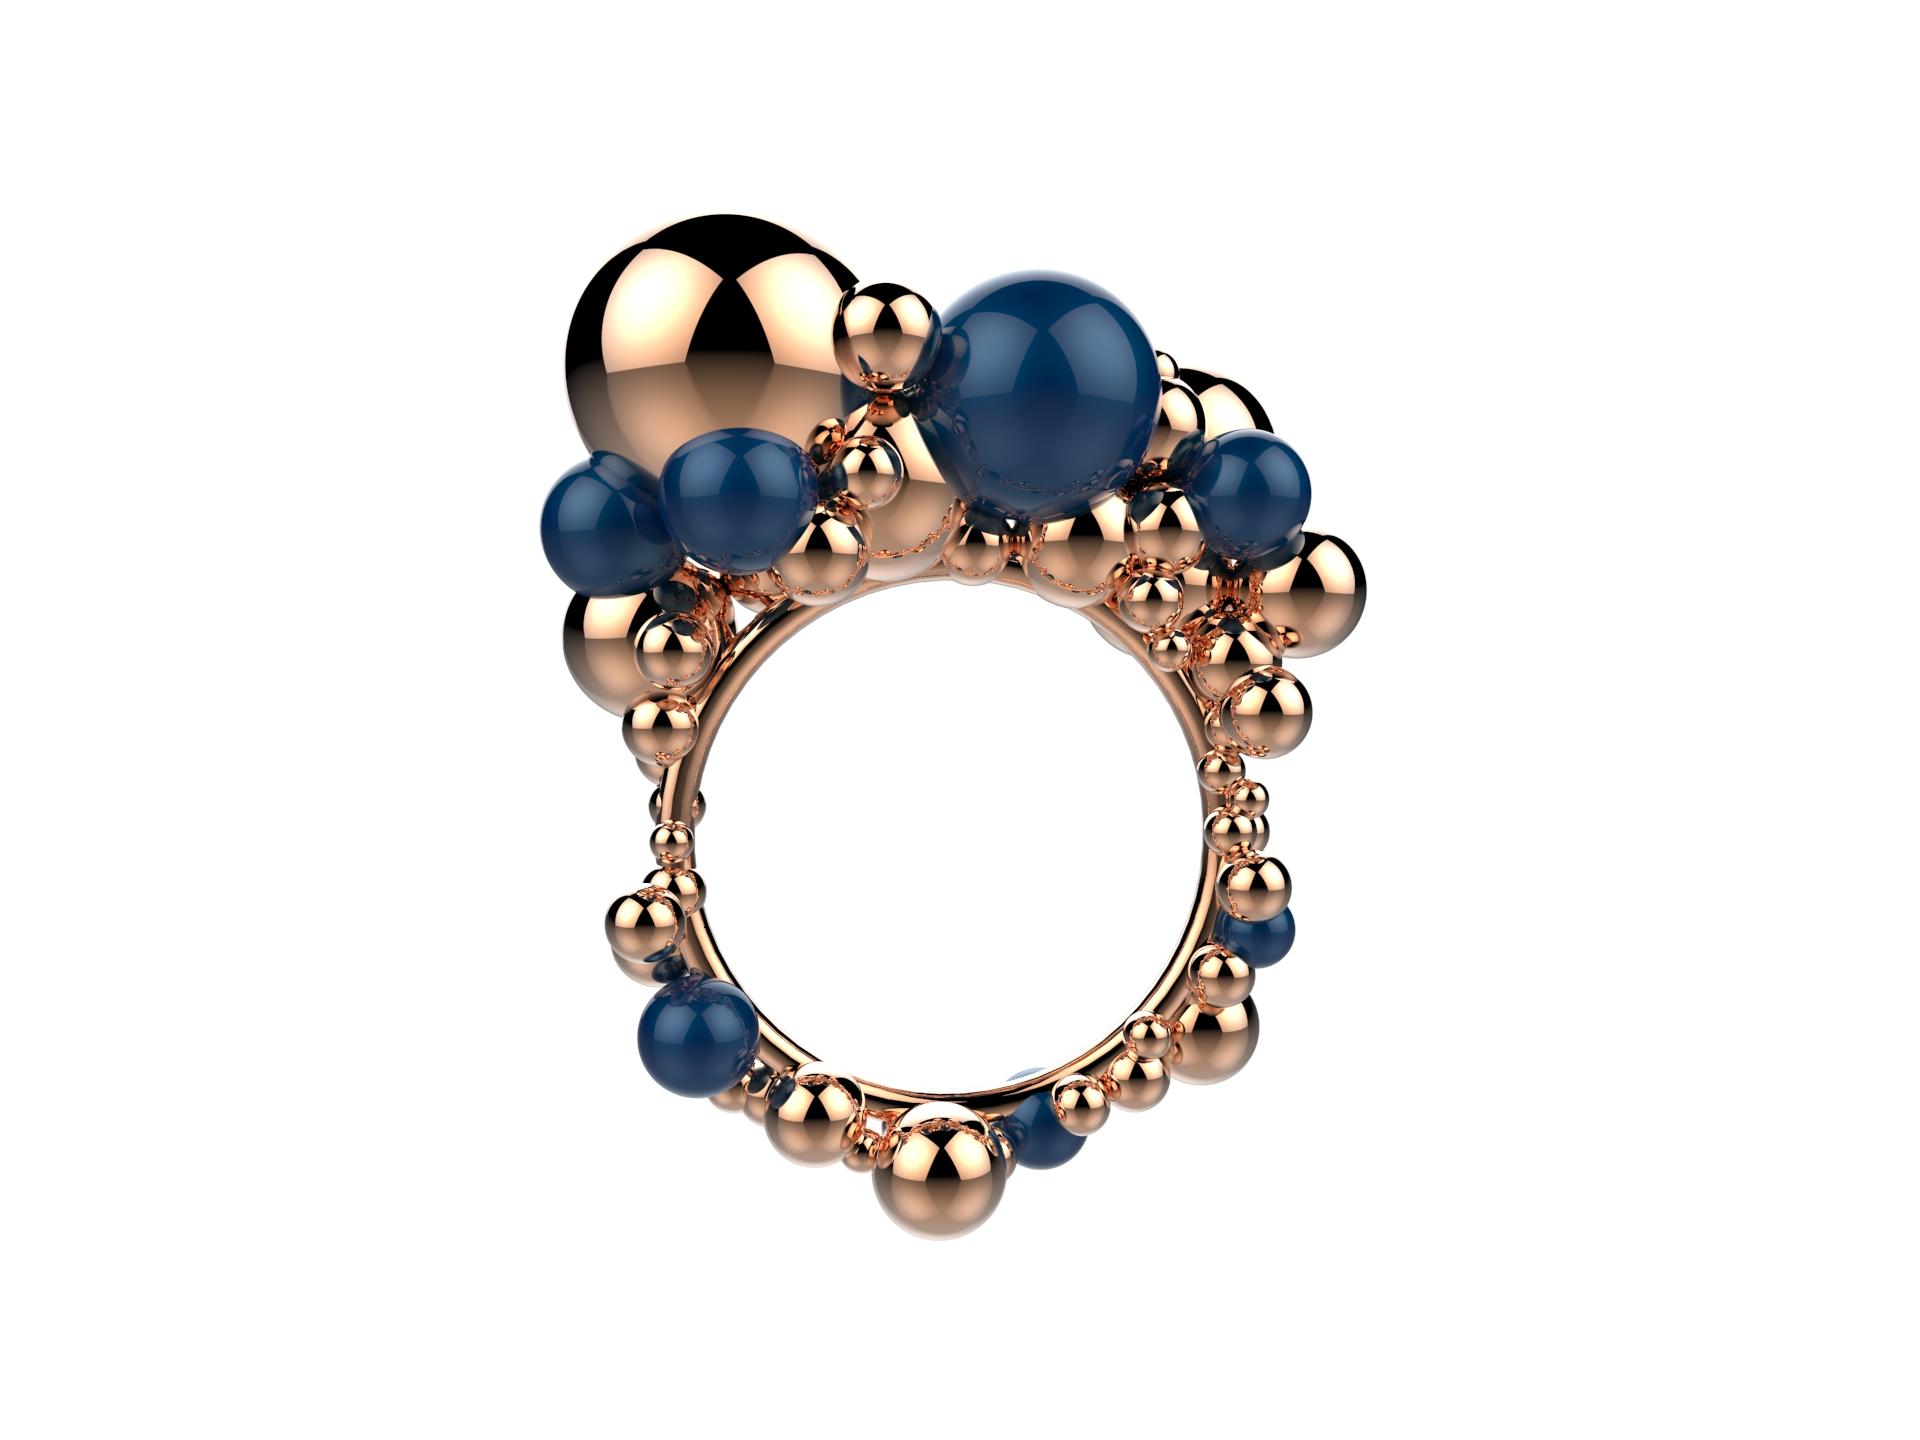 Gravity Bulles Agates bleues 3400 €